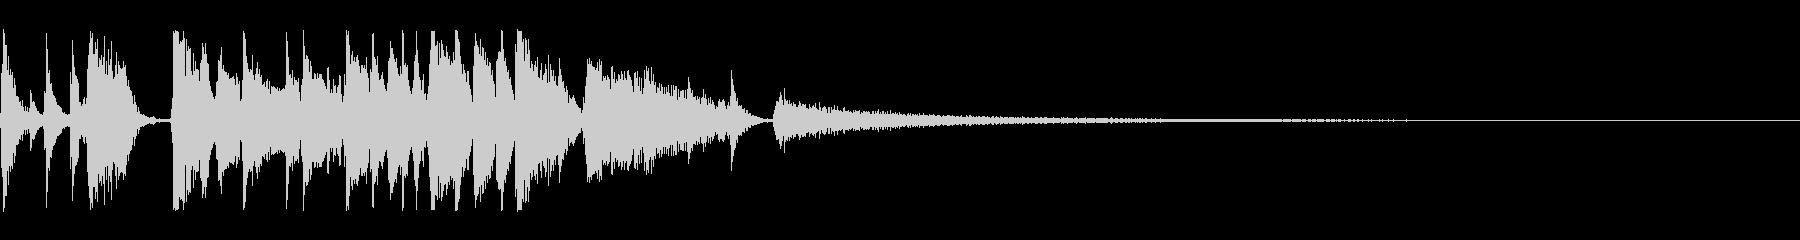 アコースティックギターのFunkロゴ 短の未再生の波形